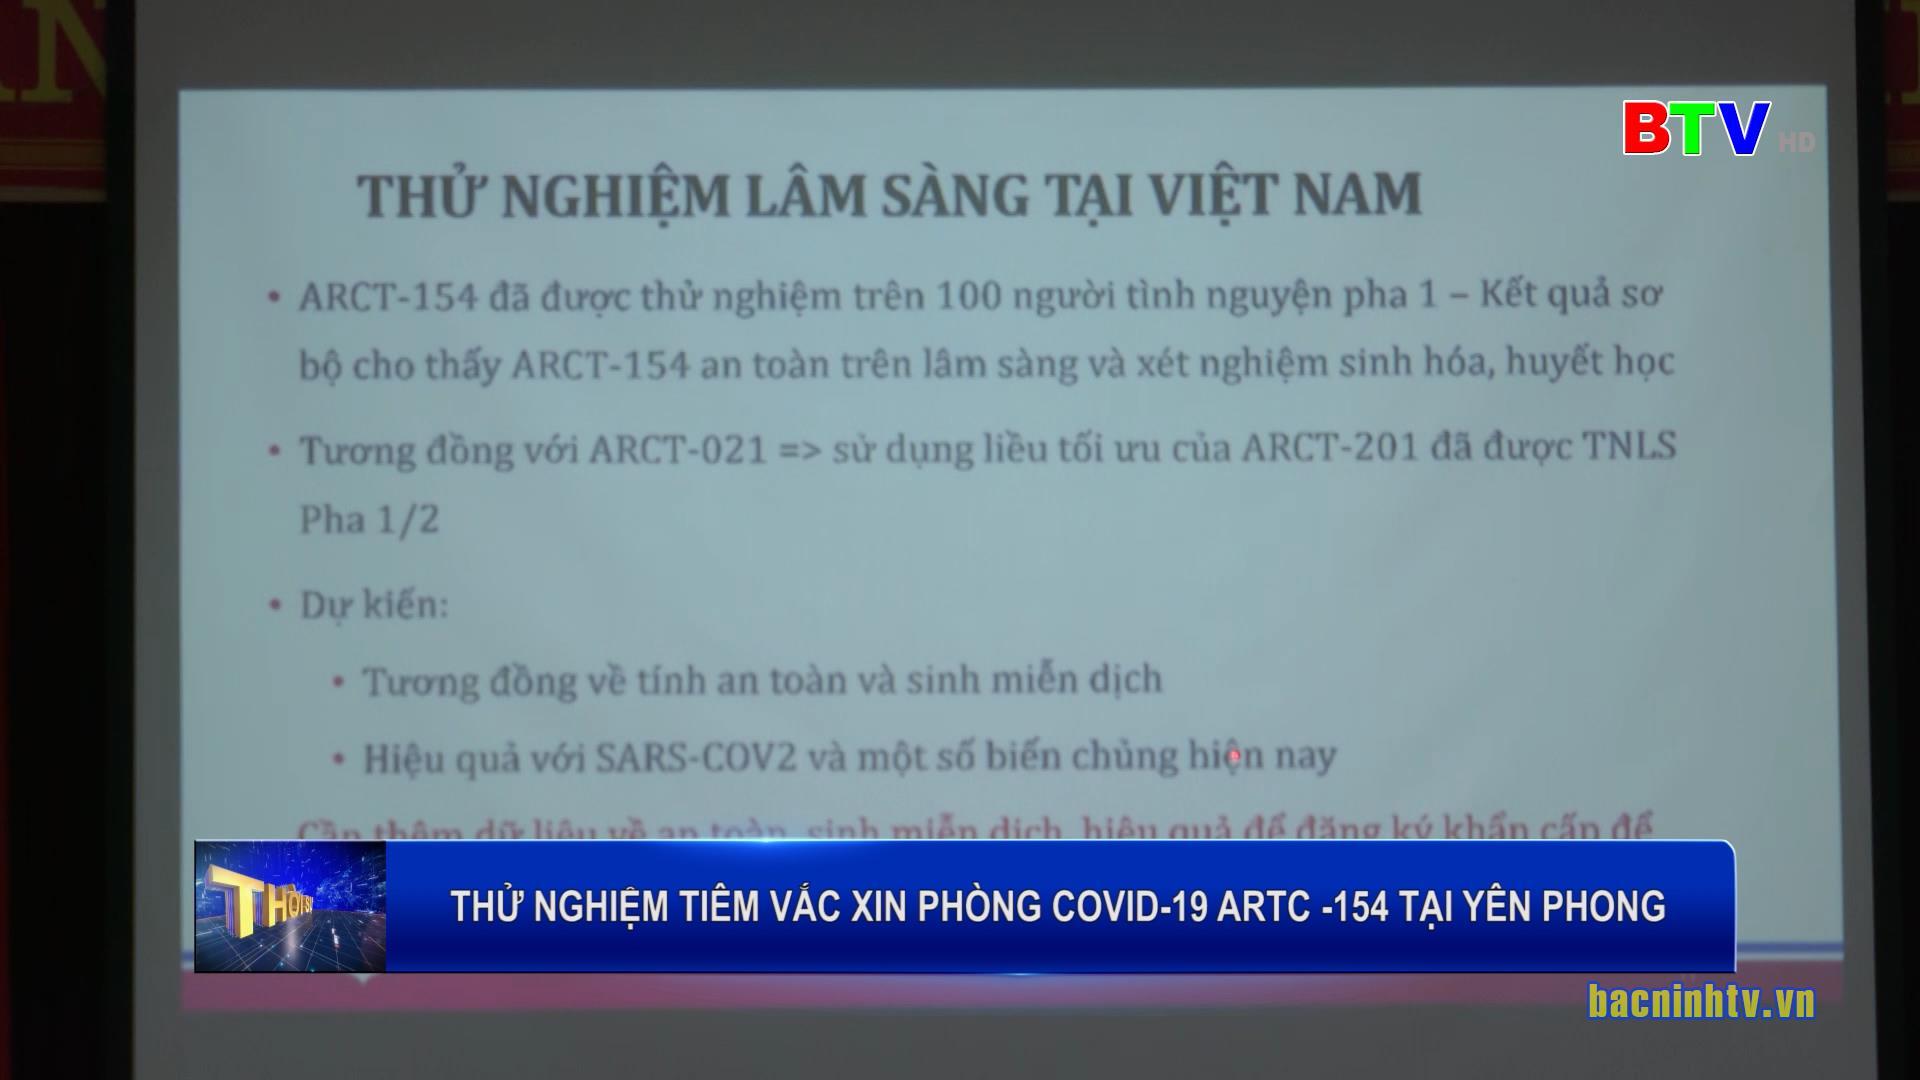 Thử nghiệm tiêm vắc xin phòng Covid - 19 ARTC-154 tại Yên Phong